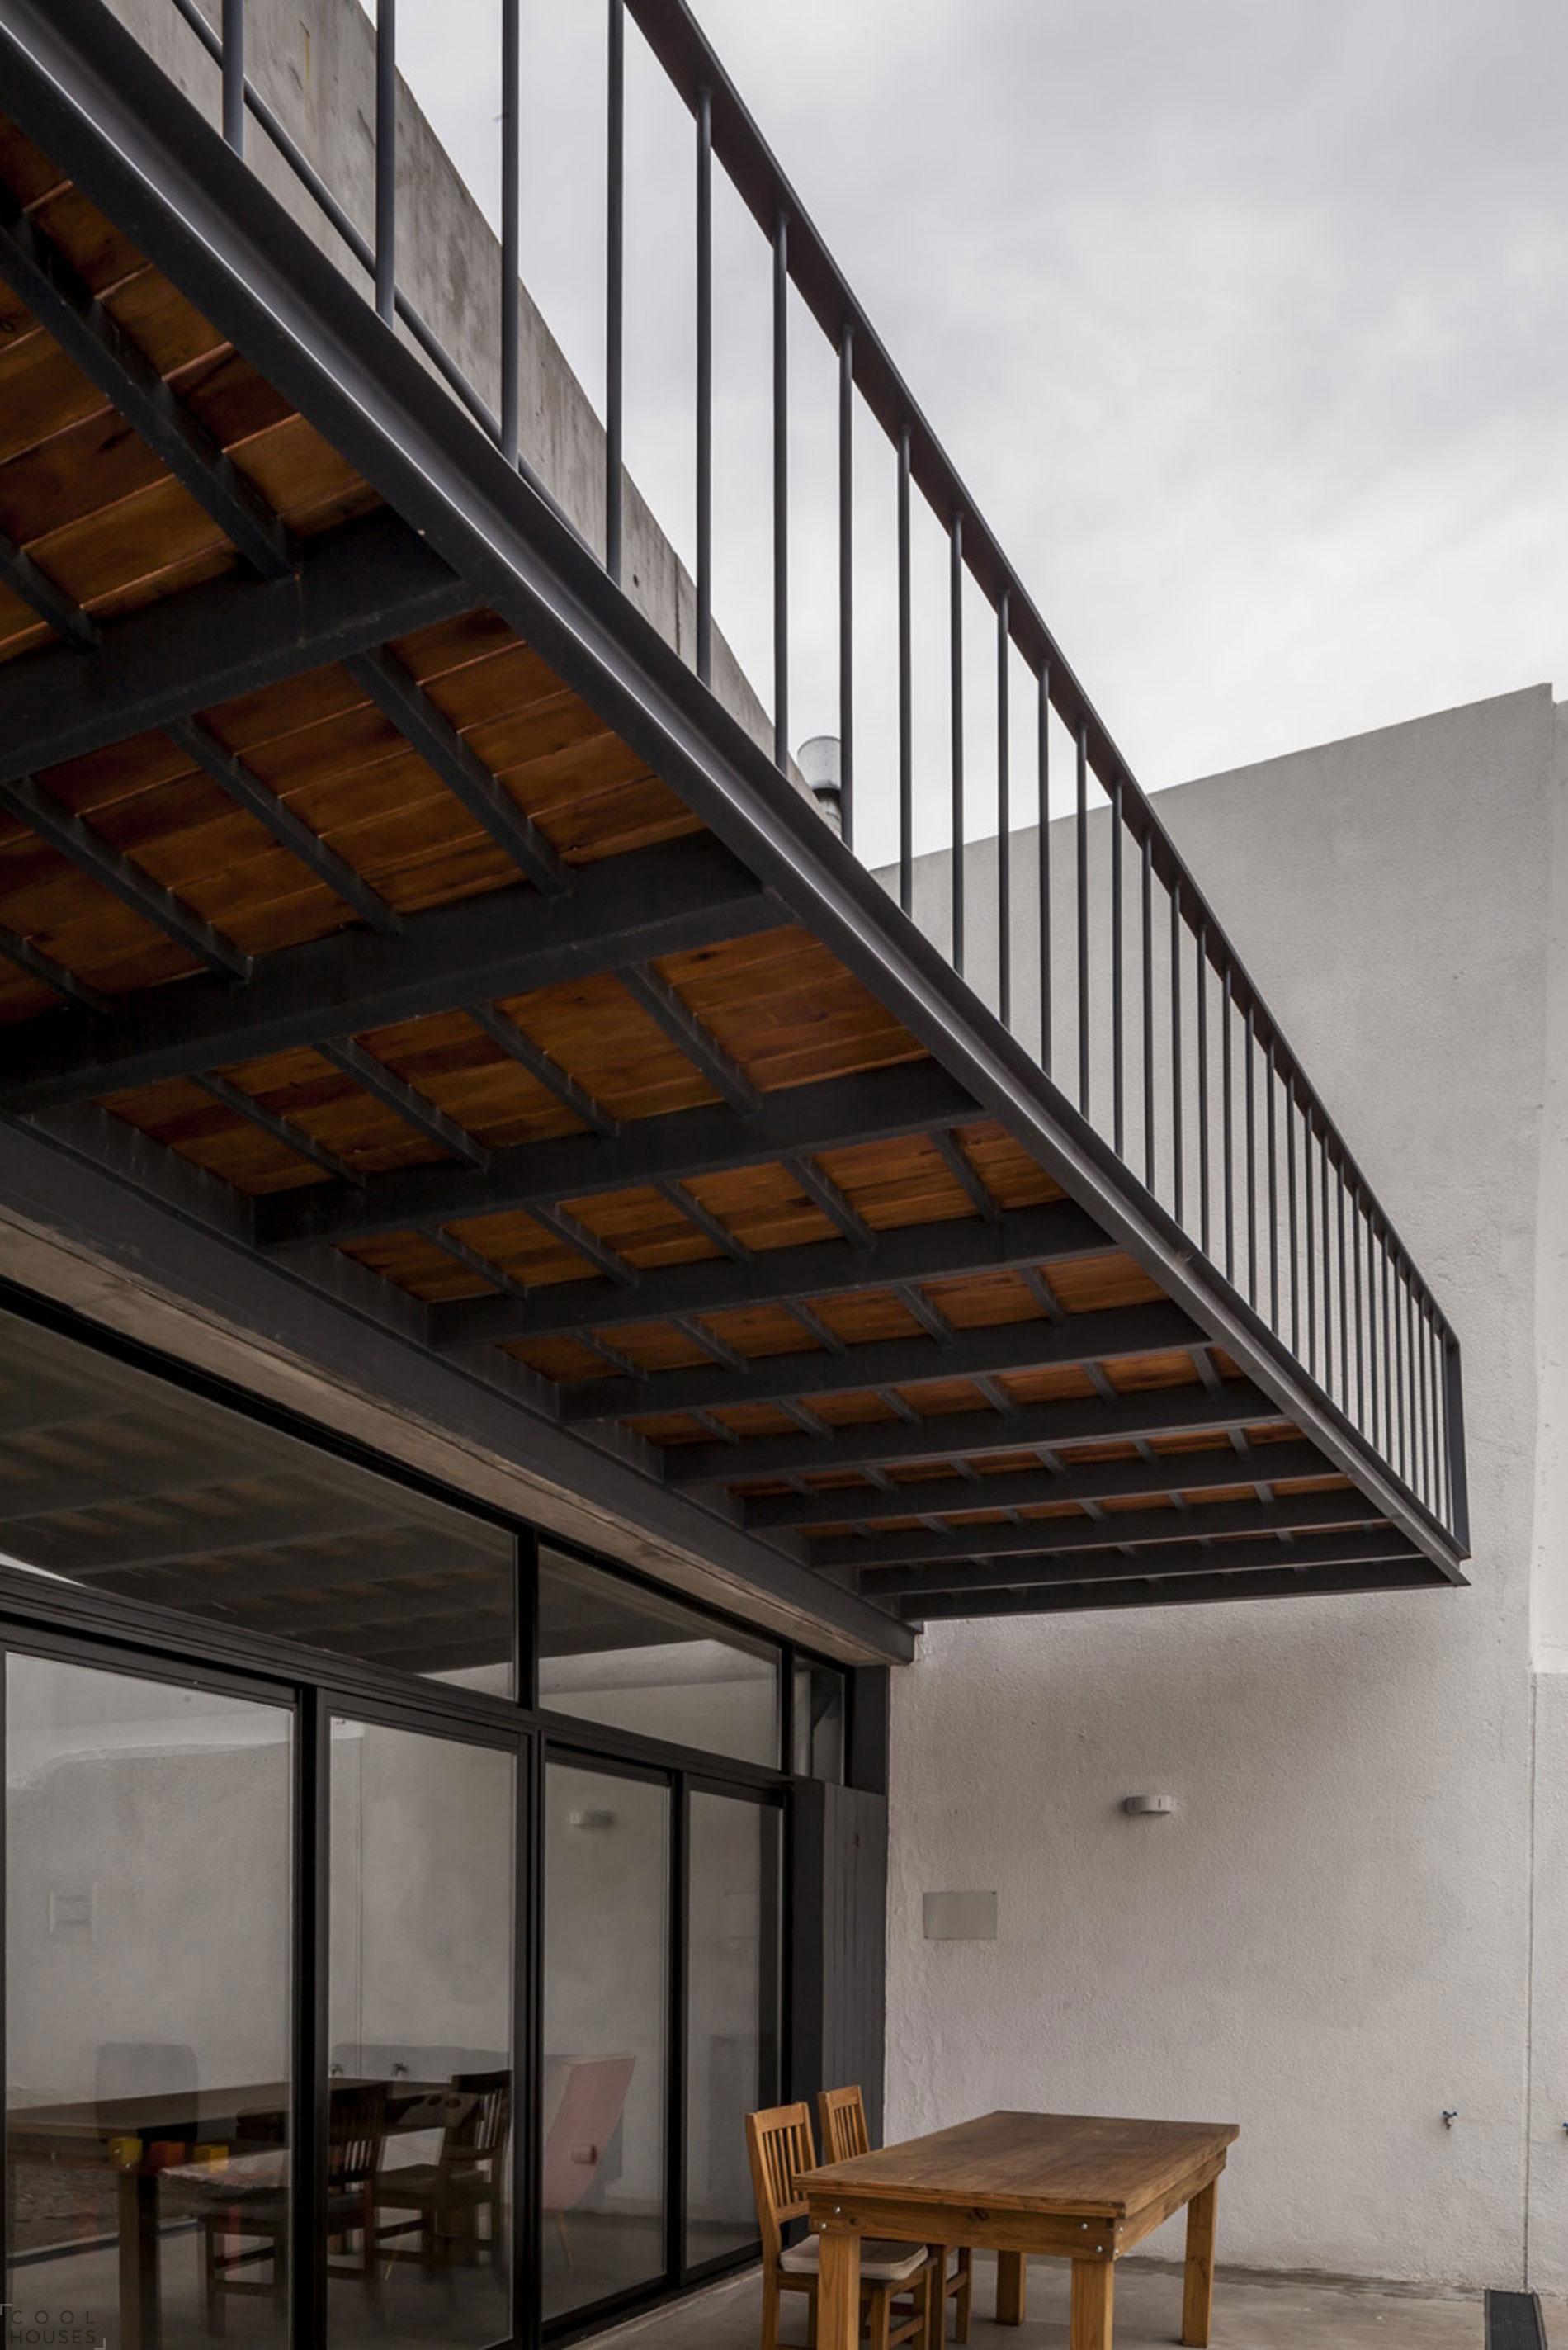 Домашний офис и жилой дом от студии Hitzig Militello arquitectos, Аргентина